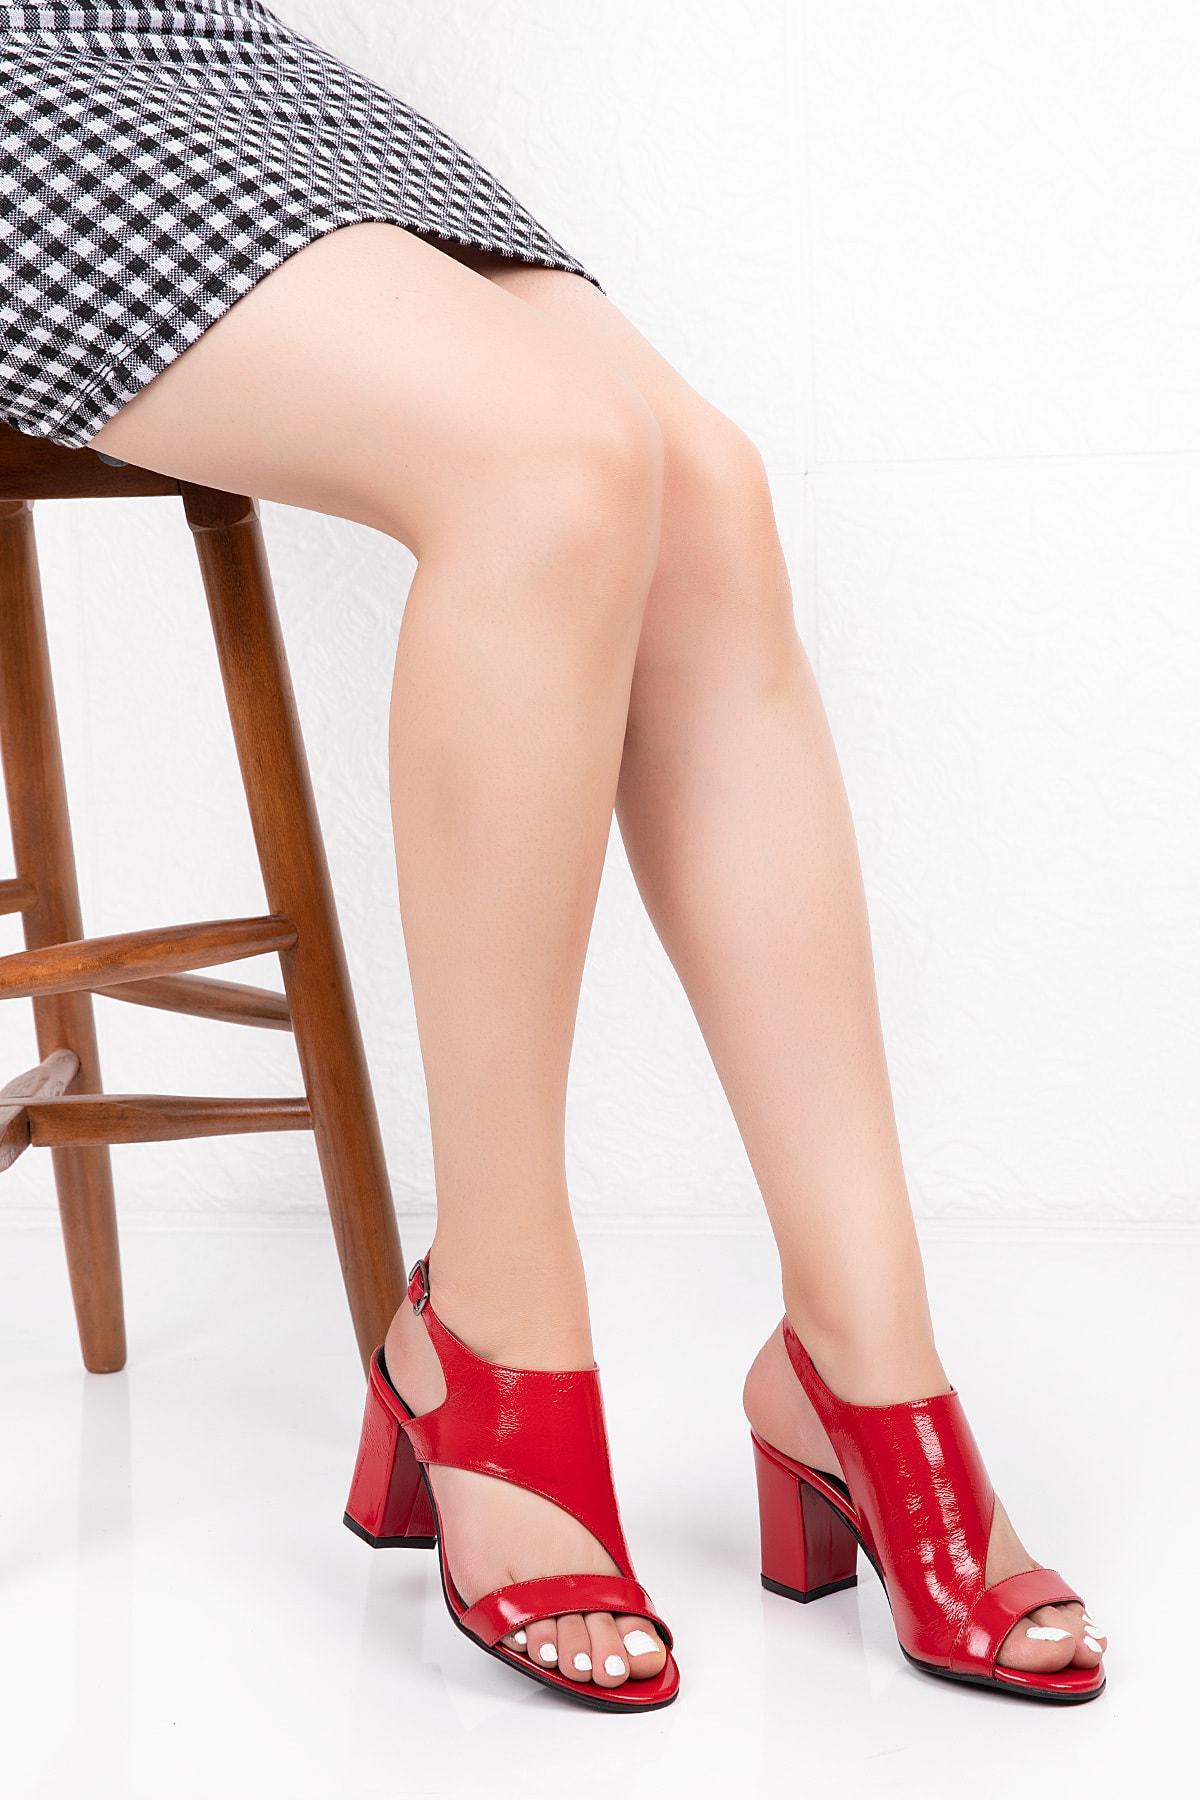 Gondol Hakiki Deri Rugan Topuklu Ayakkabı 1